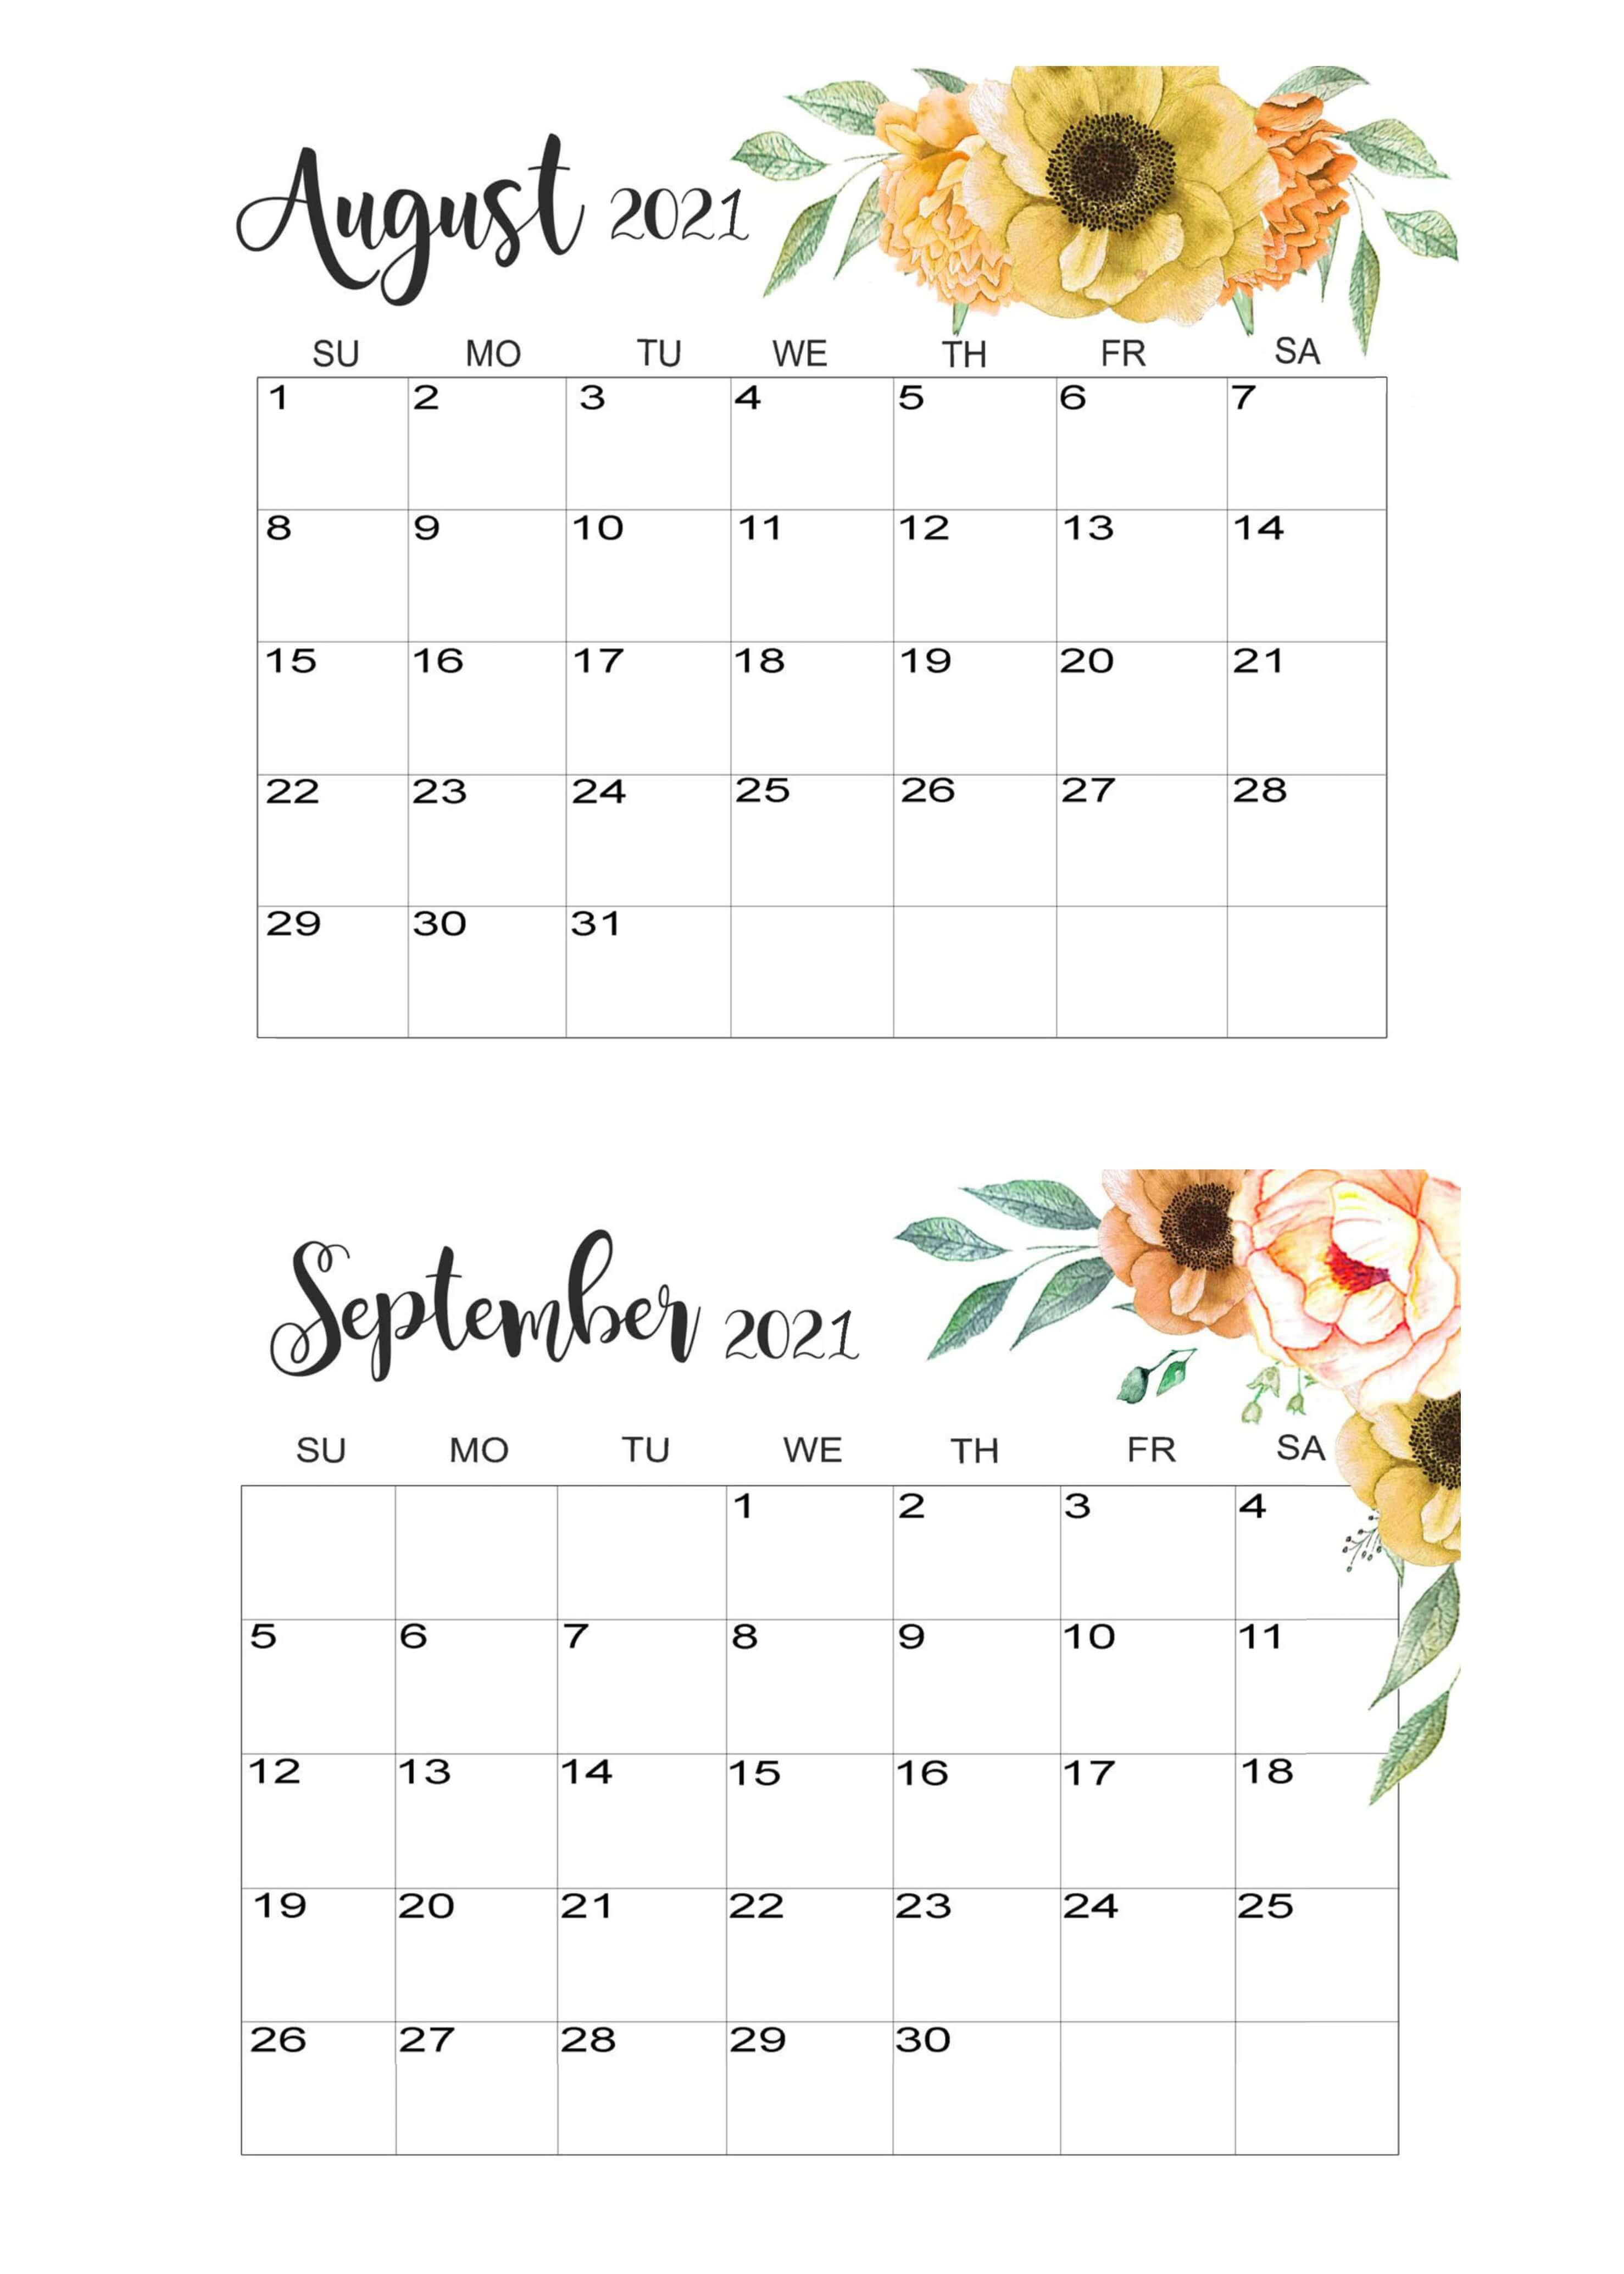 August September Calendar 2021 TemplateAugust September Calendar 2021 Template